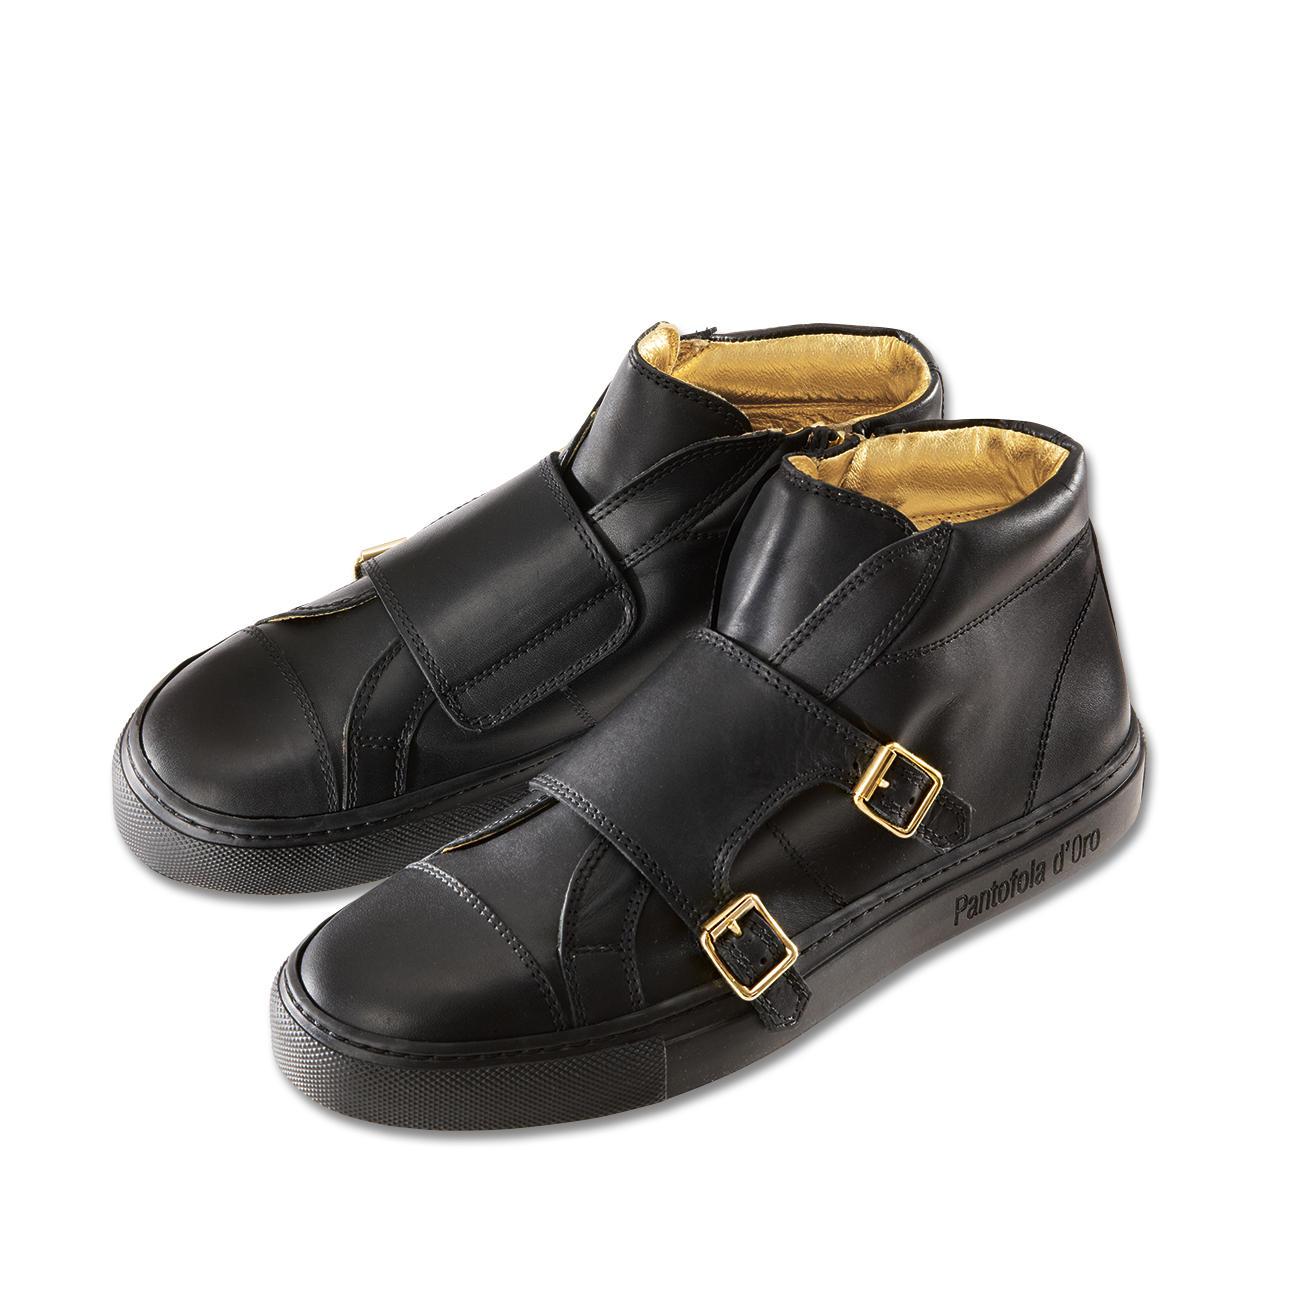 pantofola d oro sneaker mode klassiker entdecken. Black Bedroom Furniture Sets. Home Design Ideas